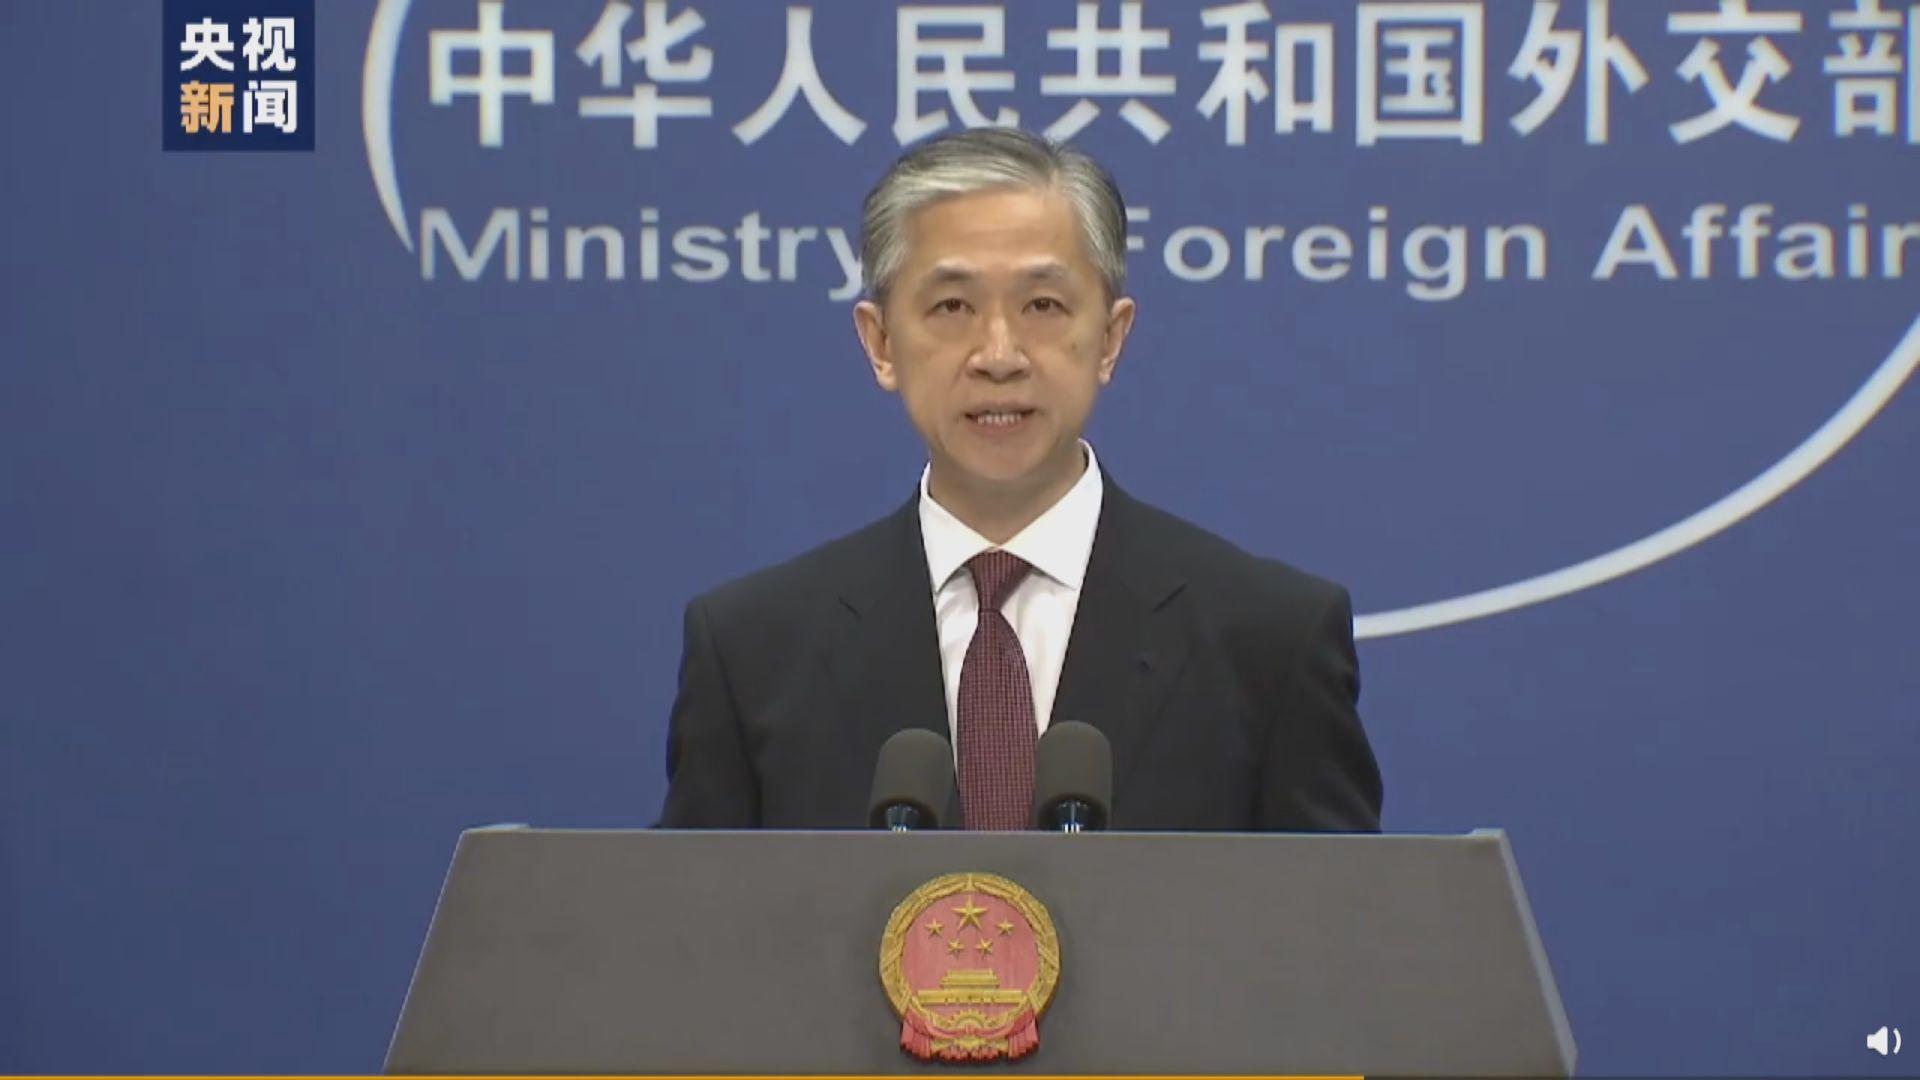 外交部:關閉領事館是應對美國正當及必要反應